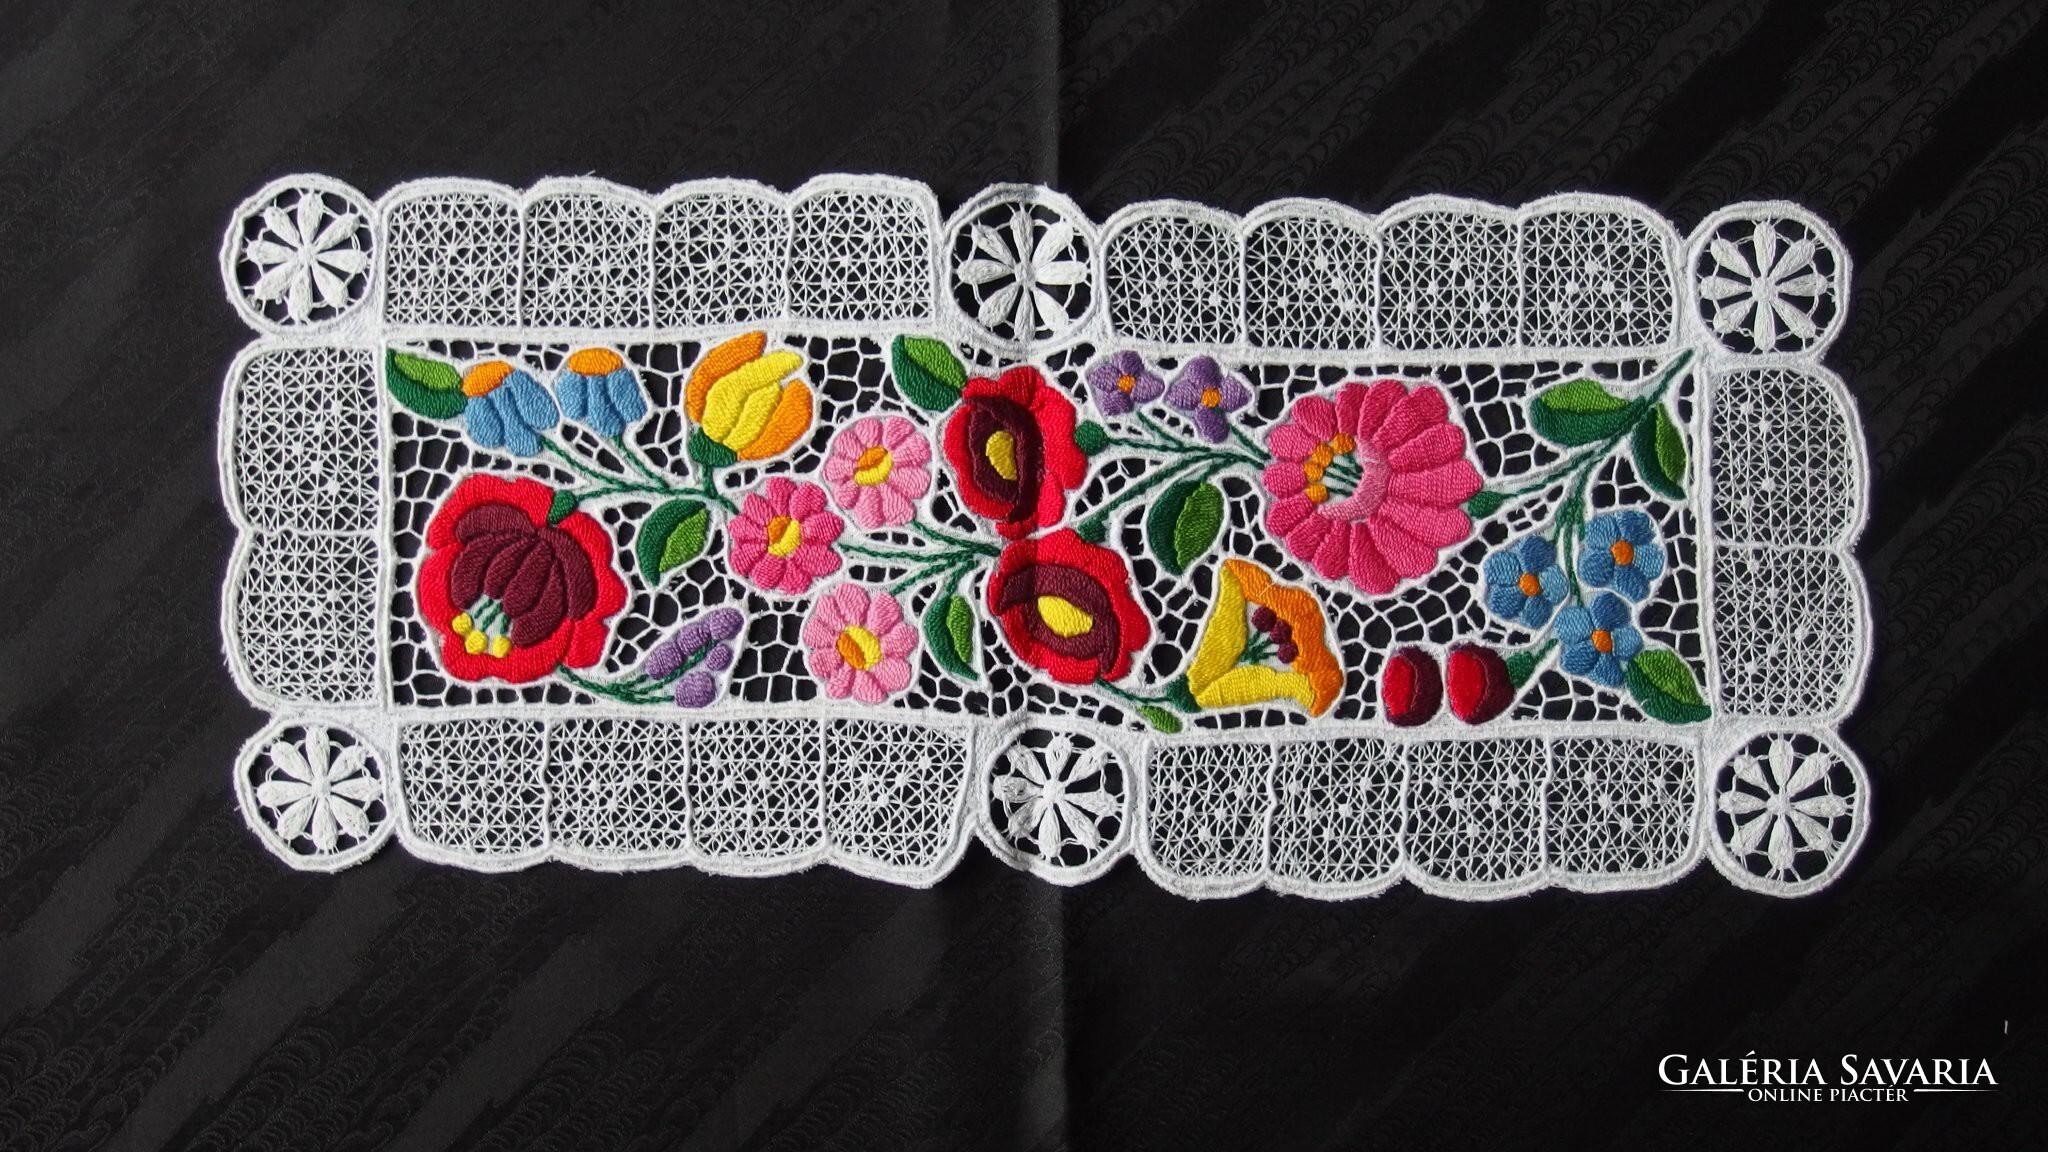 85a33b8b80 Kalocsai színes riselt terítő - Szőnyeg, Textil   Galéria Savaria online ...